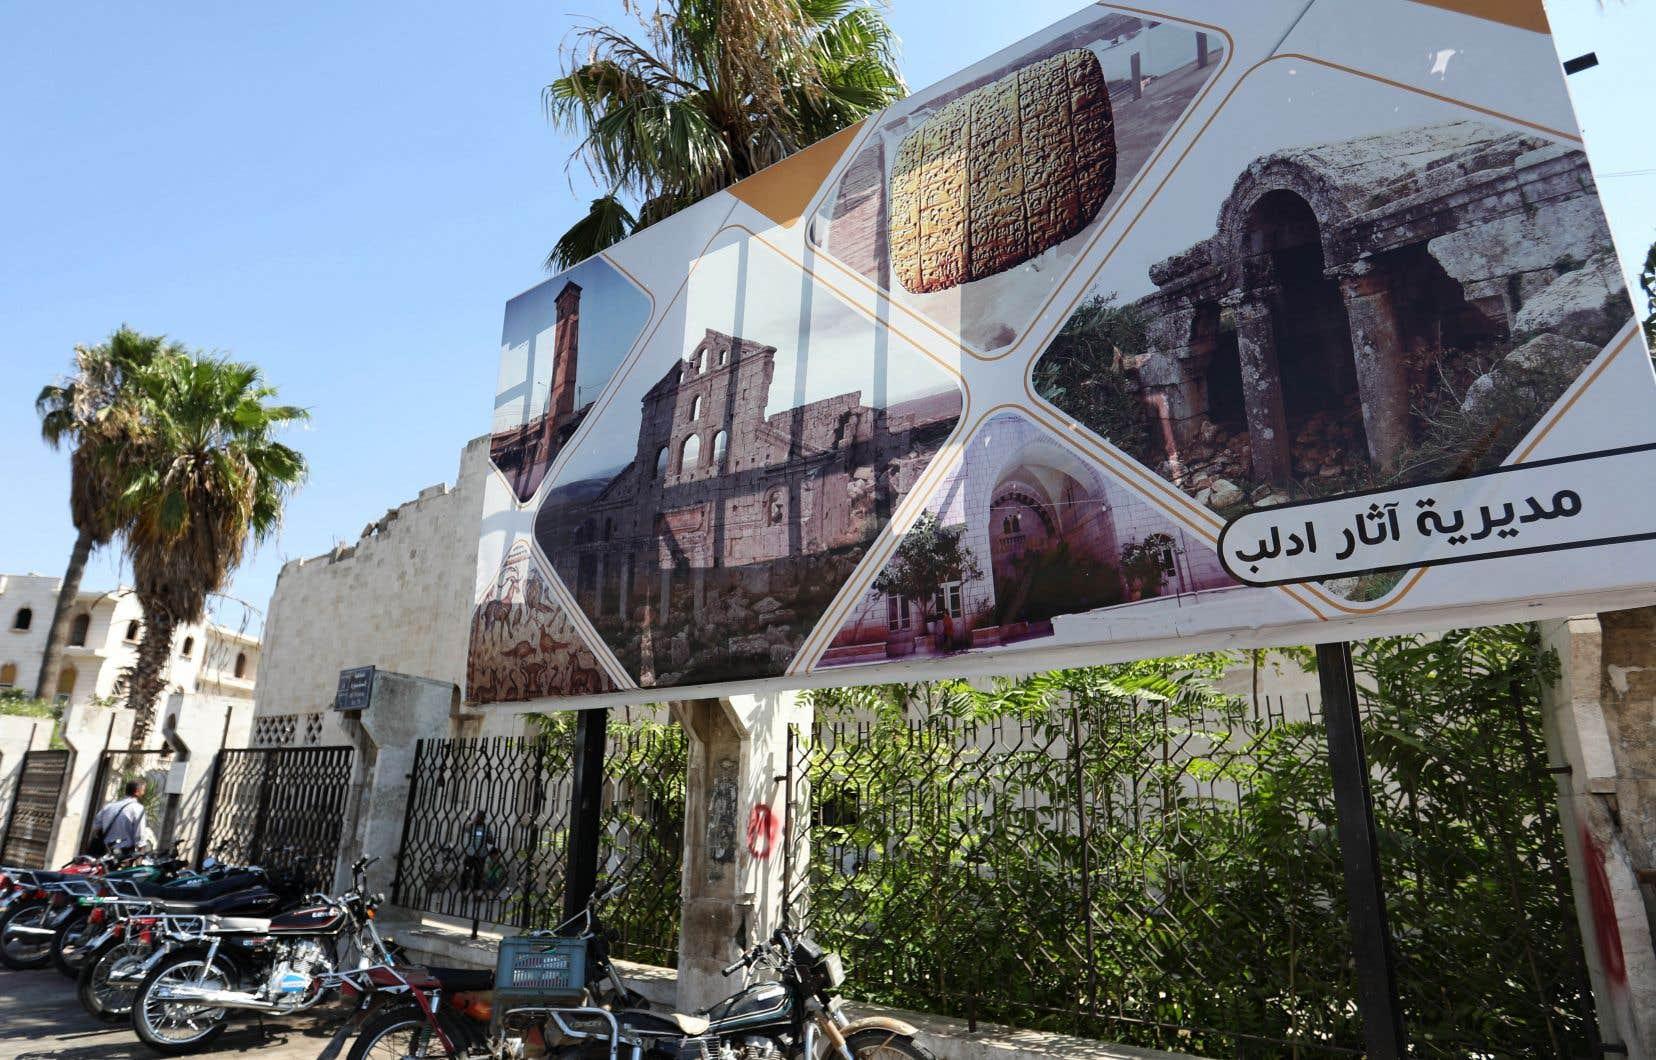 La réouverture de ce musée dans une région toujours en guerre a été lancée par une équipe locale d'académiciens et d'archéologues alors que l'établissement était fermé depuis 2013.